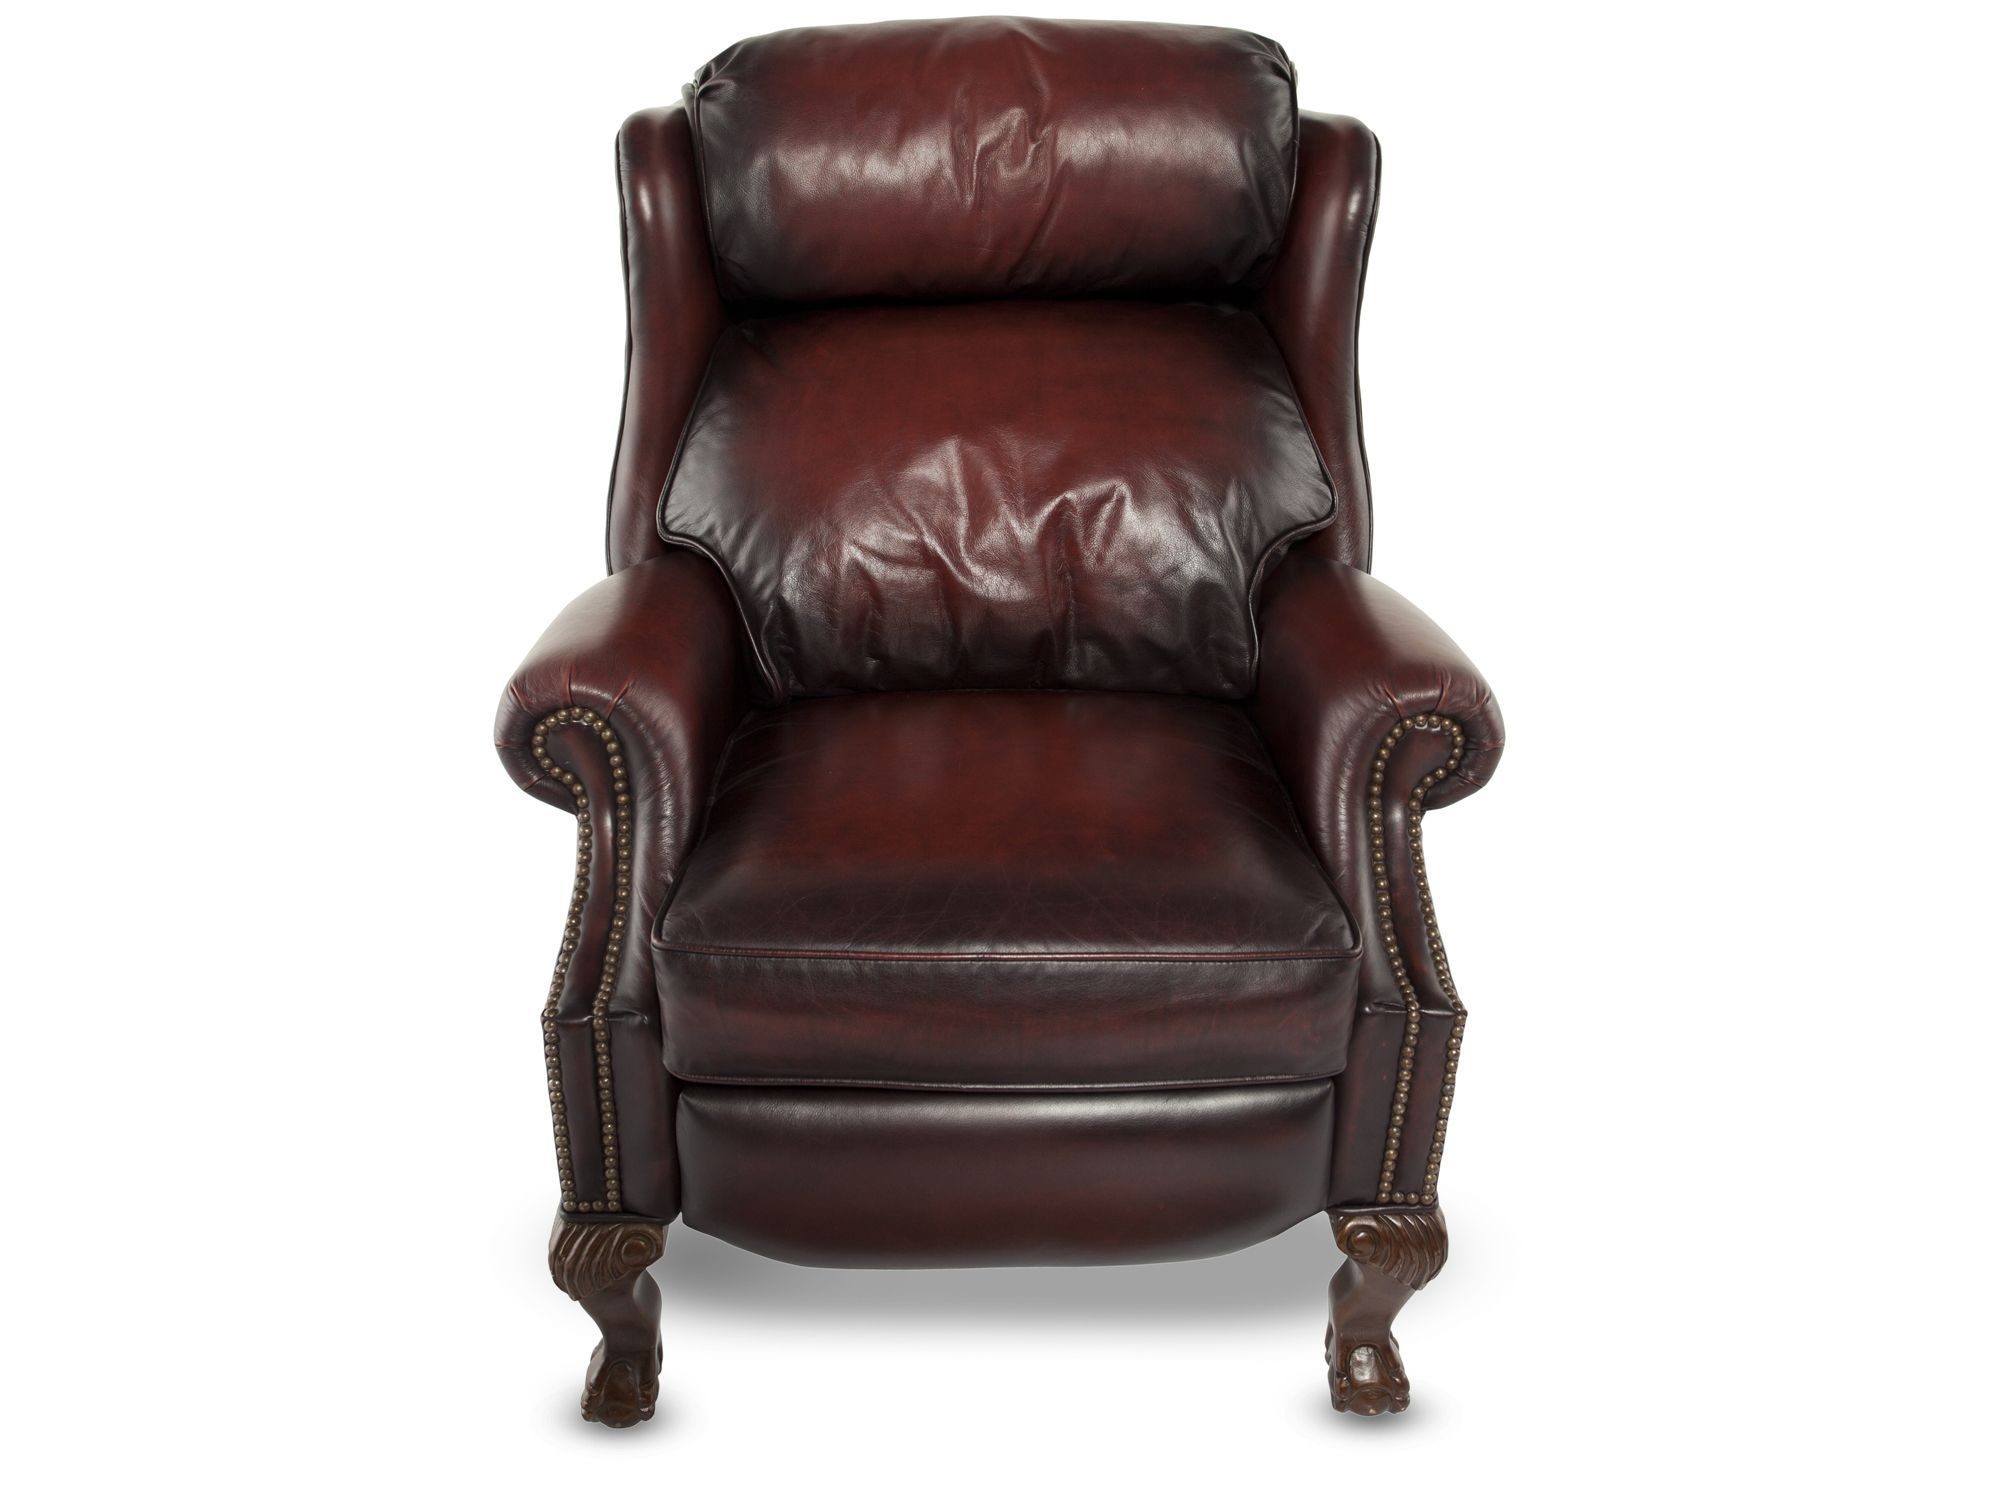 Bernhardt Briggs Burgundy Leather Recliner